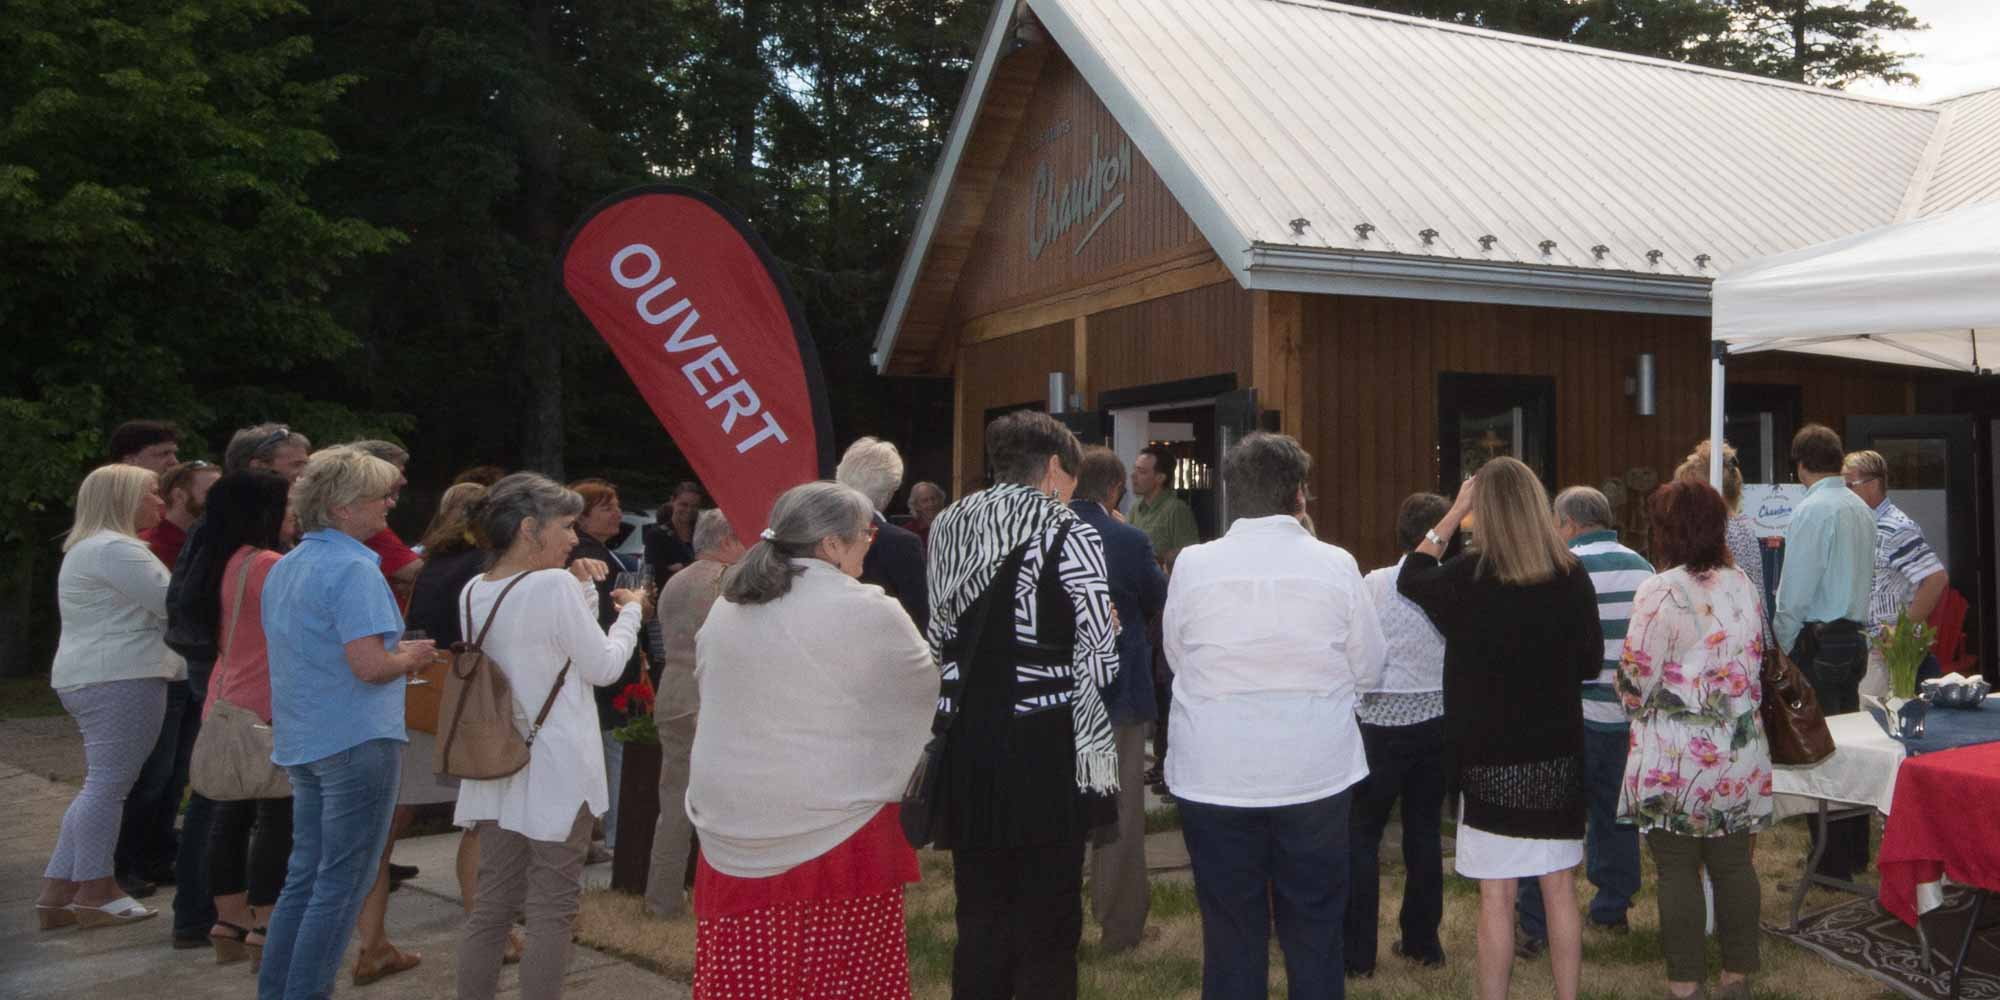 De nombreuses personnes étaient sur place lors de l'ouverture de la boutique Les étains Chaudron, le 22 juin 2016 à Val-David.